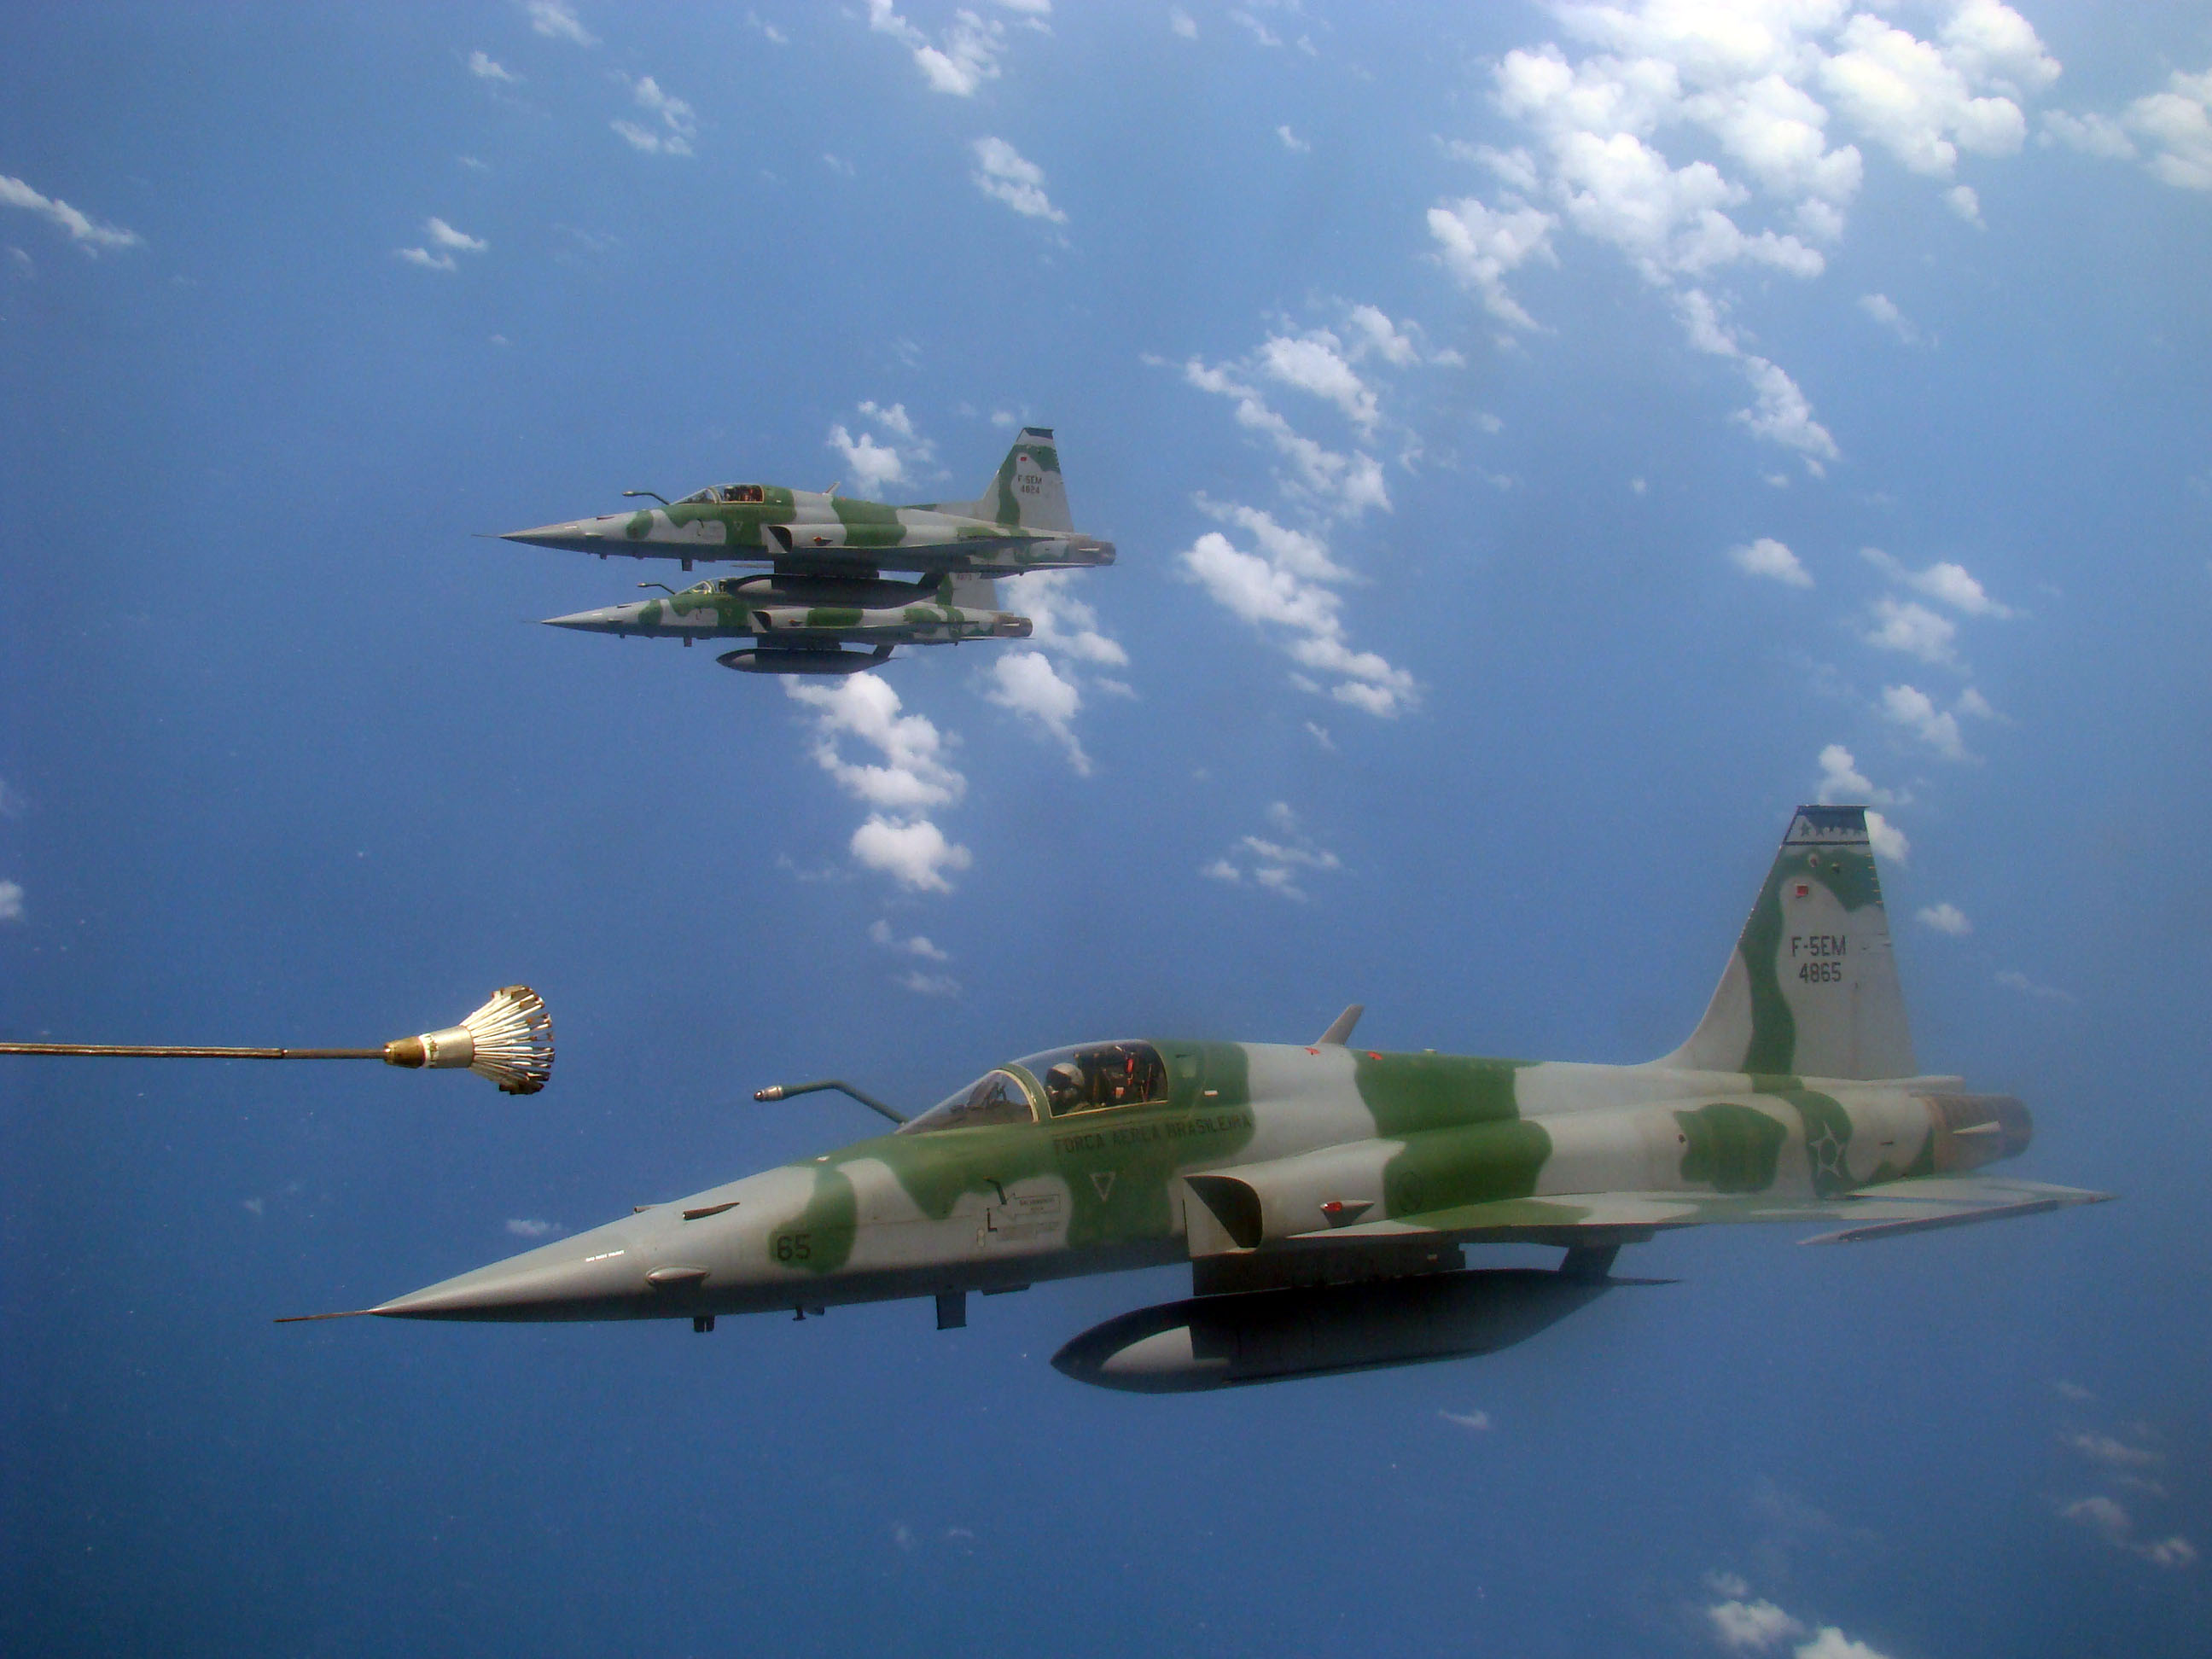 https://i1.wp.com/www.aereo.jor.br/wp-content/uploads/2008/10/f-5em-a-caminho-da-red-flag-2008.jpg